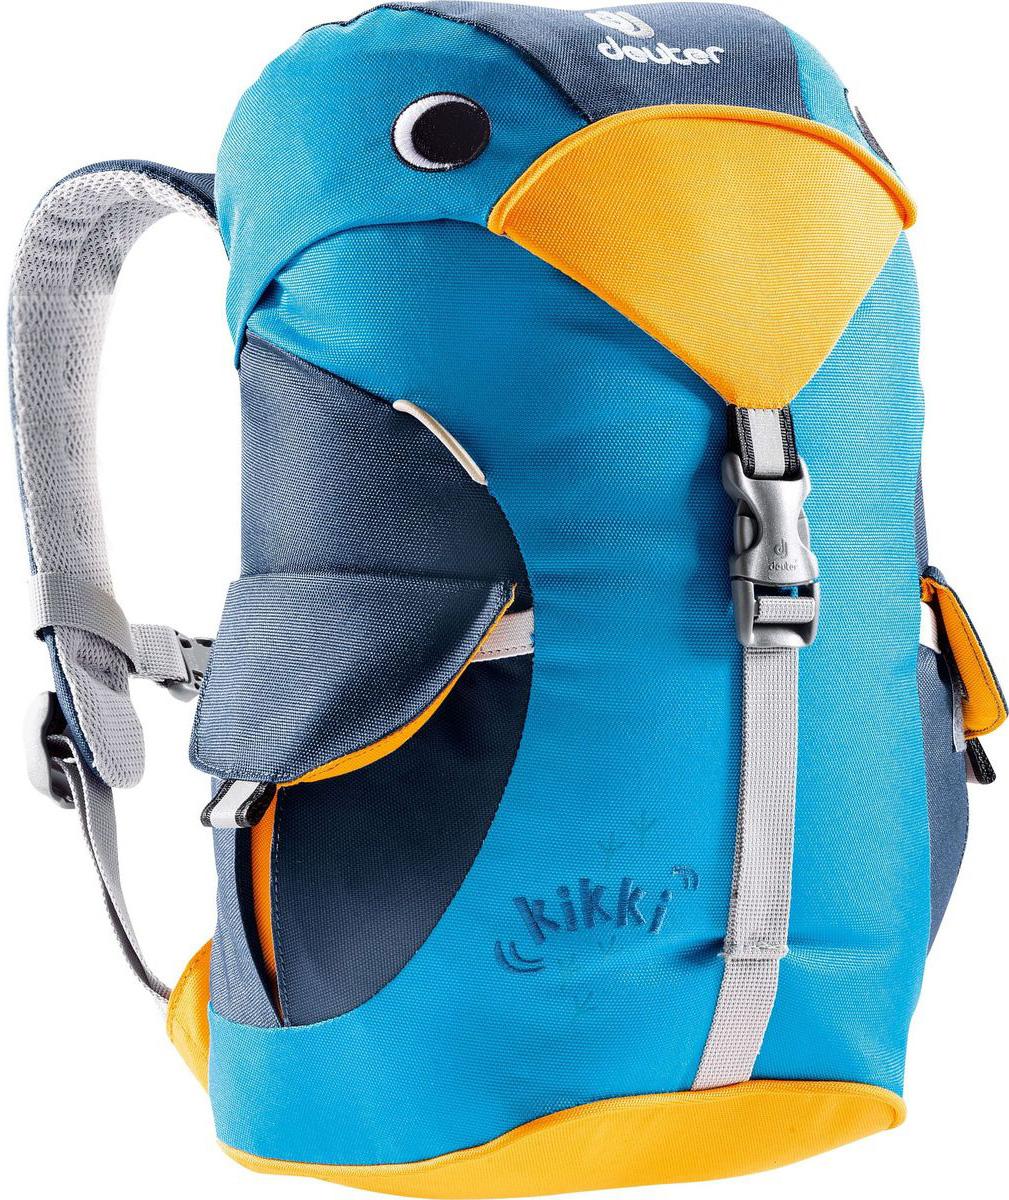 Рюкзак туристический Deuter Kikki, цвет: синий, 6 л36093_3312Этот рюкзак отлично подходит для малышей в детском саду или на прогулках. Рюкзачек веселый и заботливый, он изготовлен из экологичной ткани, отвечающей самым строгим стандартам. материал: Deuter-Super-Polytex BS объем: 6л грудной ремень внутри есть именная бирка есть два наружных кармана с застежками светоотражающие элементы спереди и по бокам просторное основное отделение Характеристики: Размер: 35x20x16 см Вес: 340 г